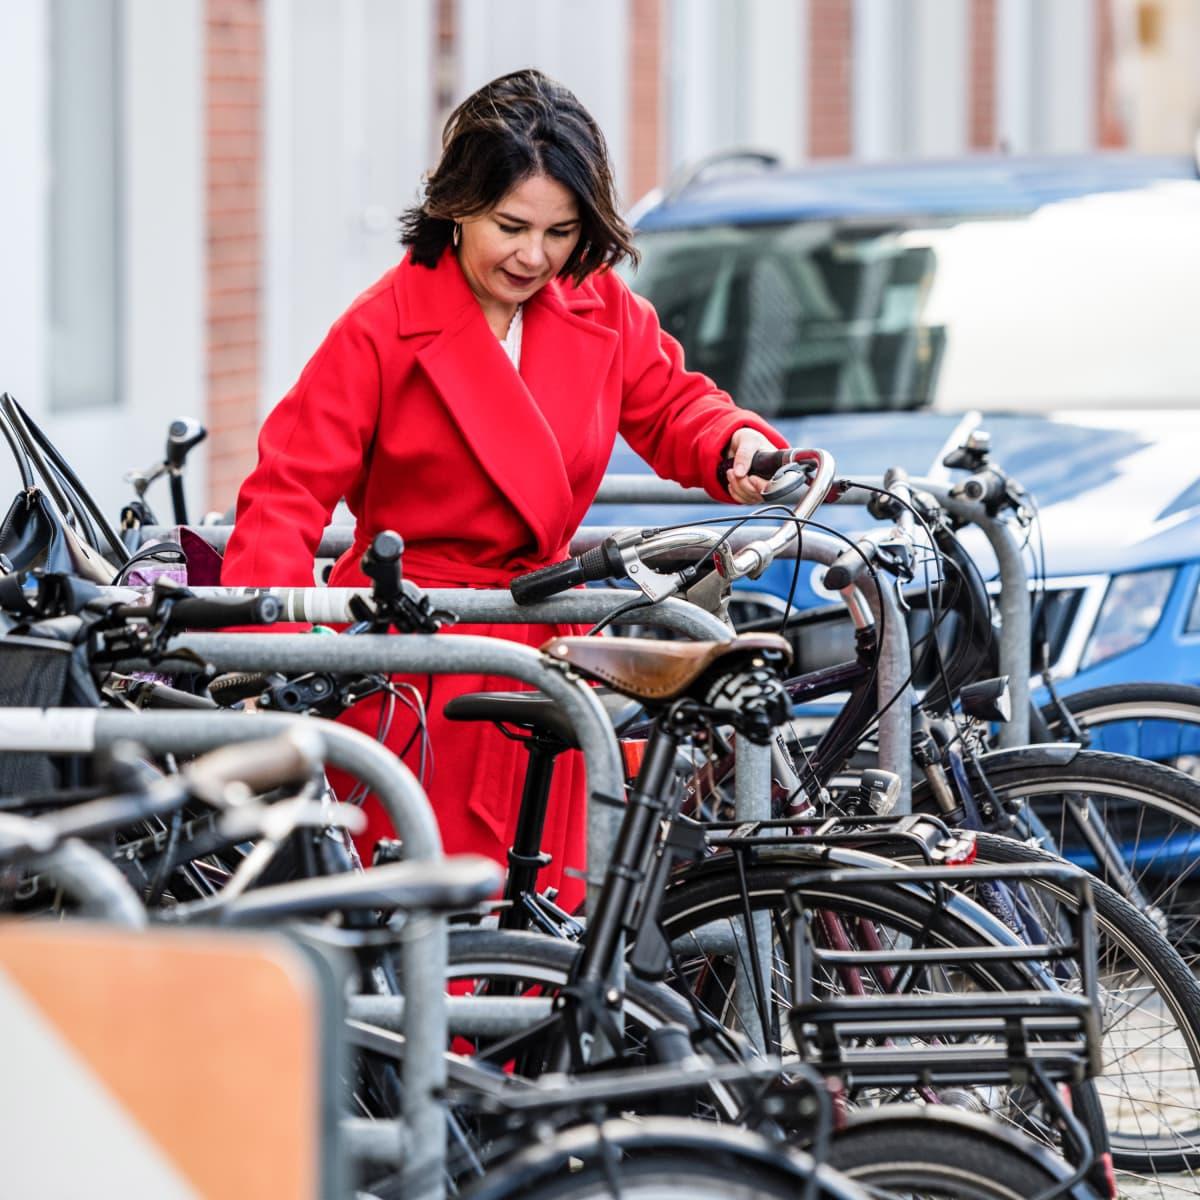 Annalena Baerbock laittaa polkupyöräänsä parkkiin.